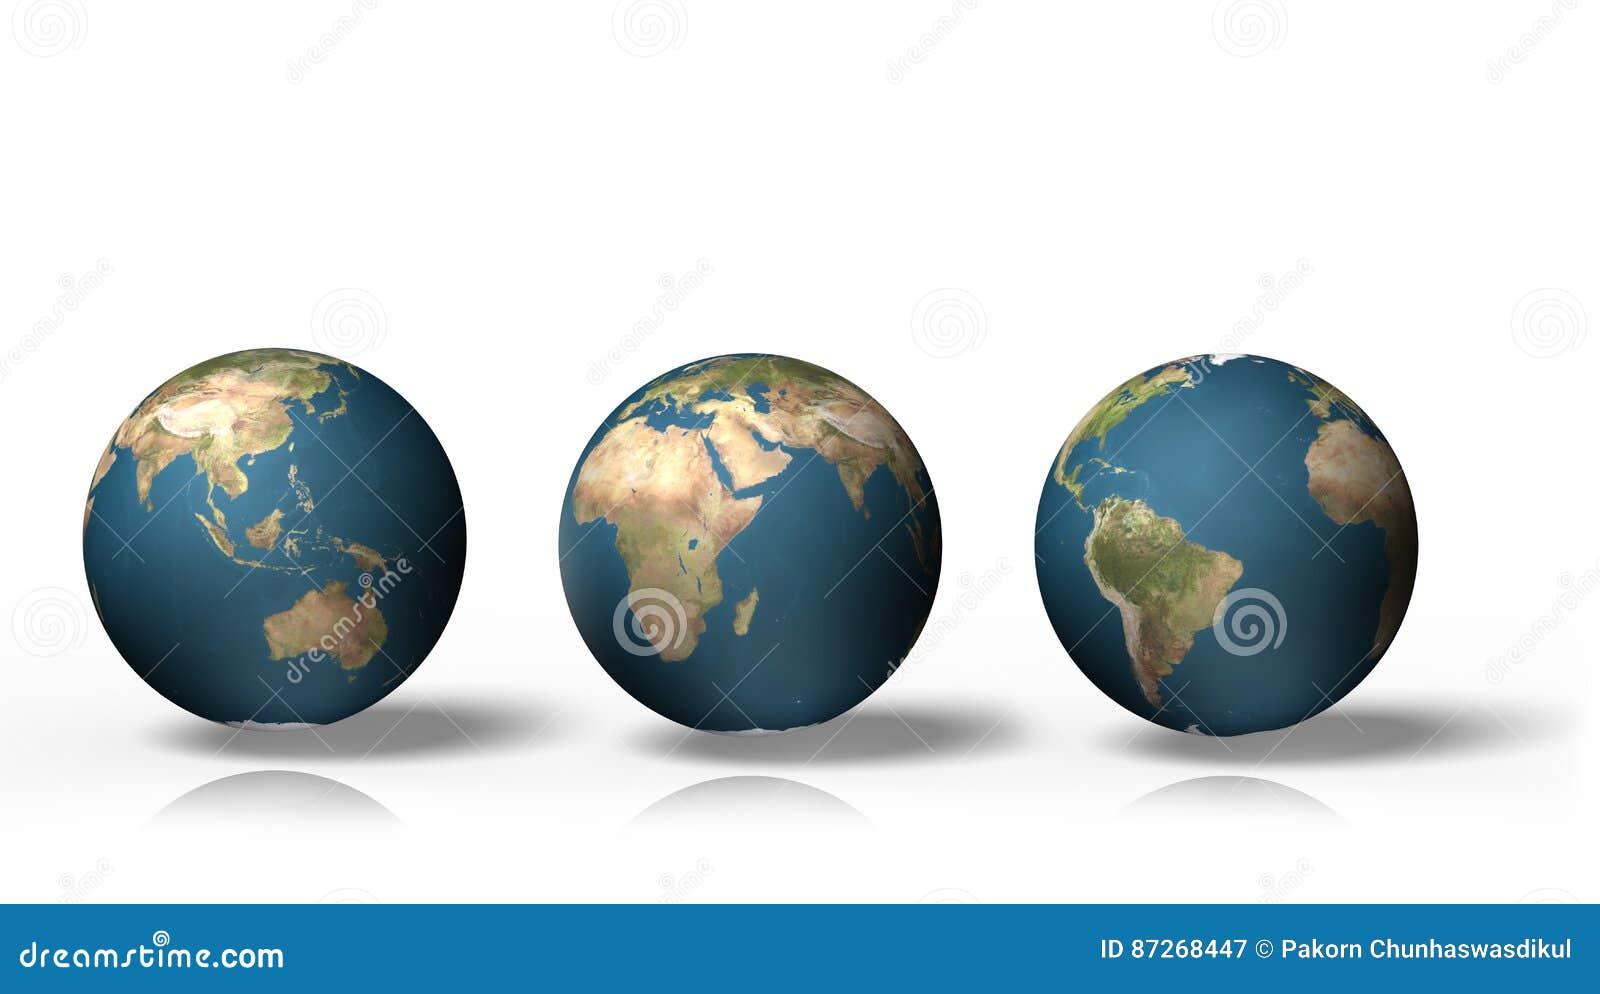 Kugel 3D, die Erde mit allen Kontinenten, lokalisiert auf weißem Hintergrund zeigt